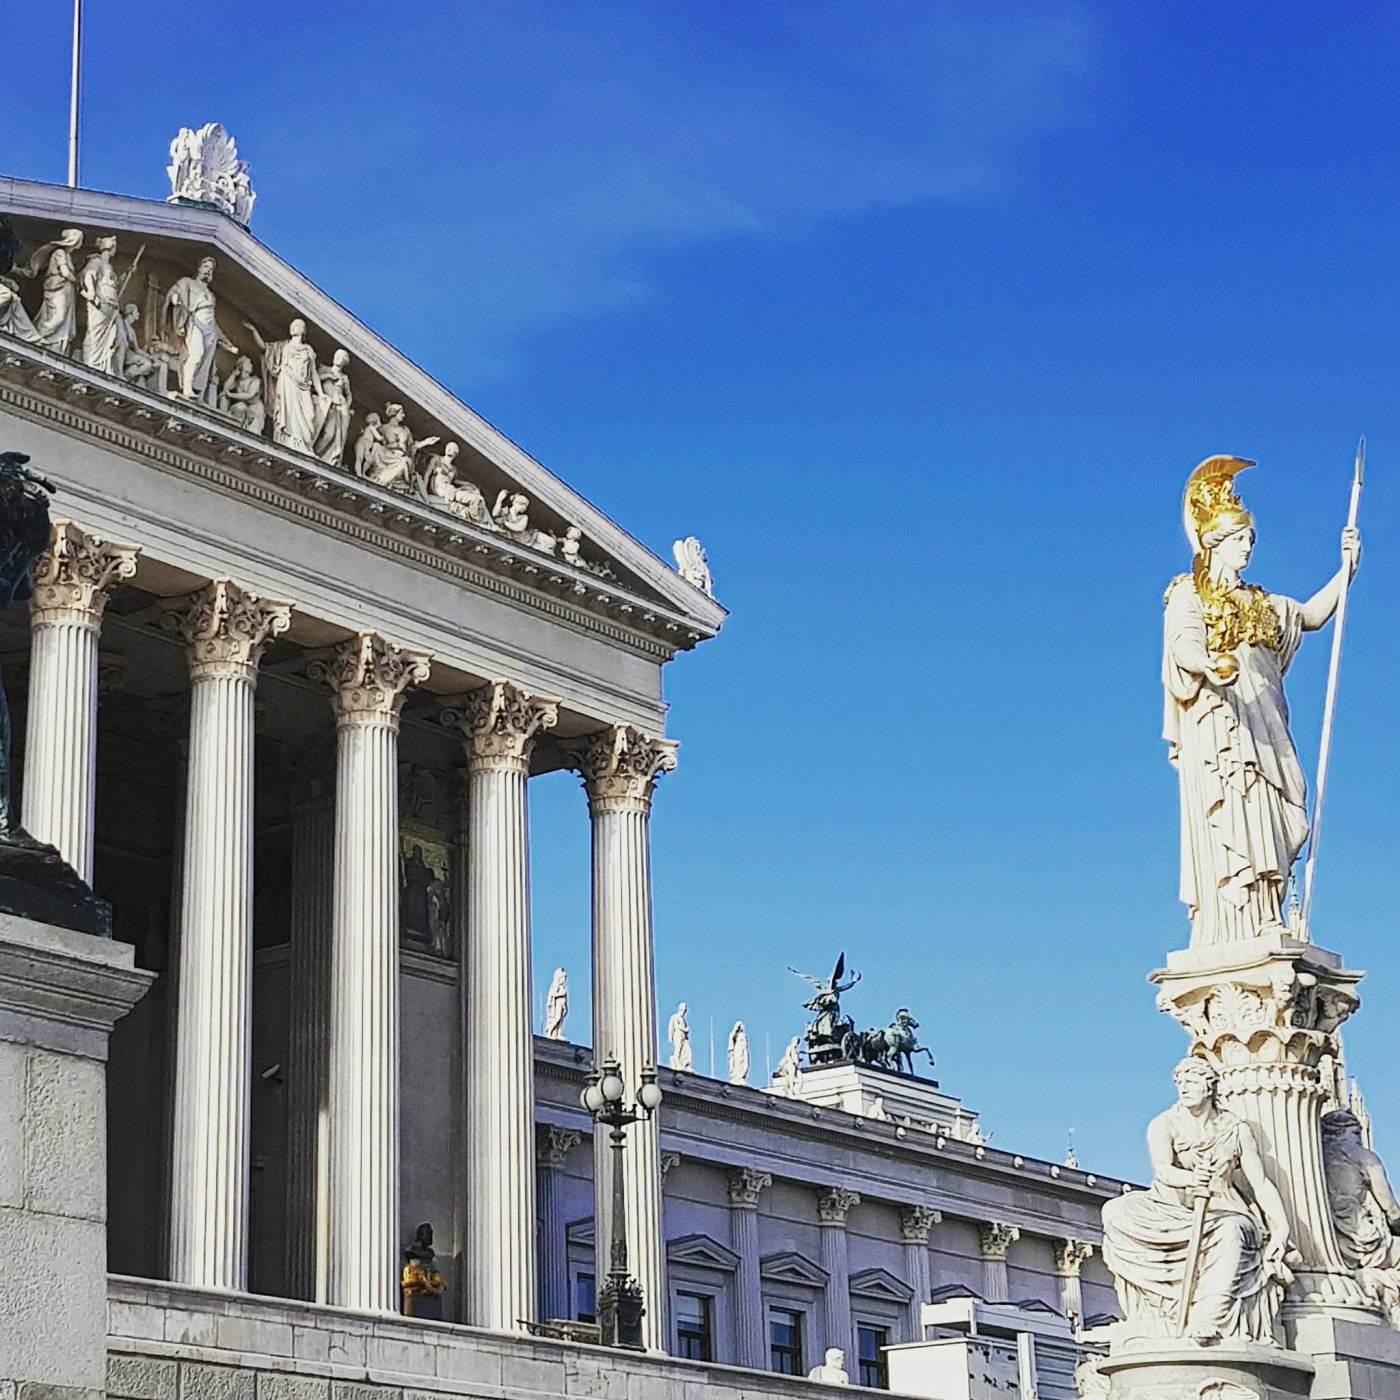 Parliment Vienna